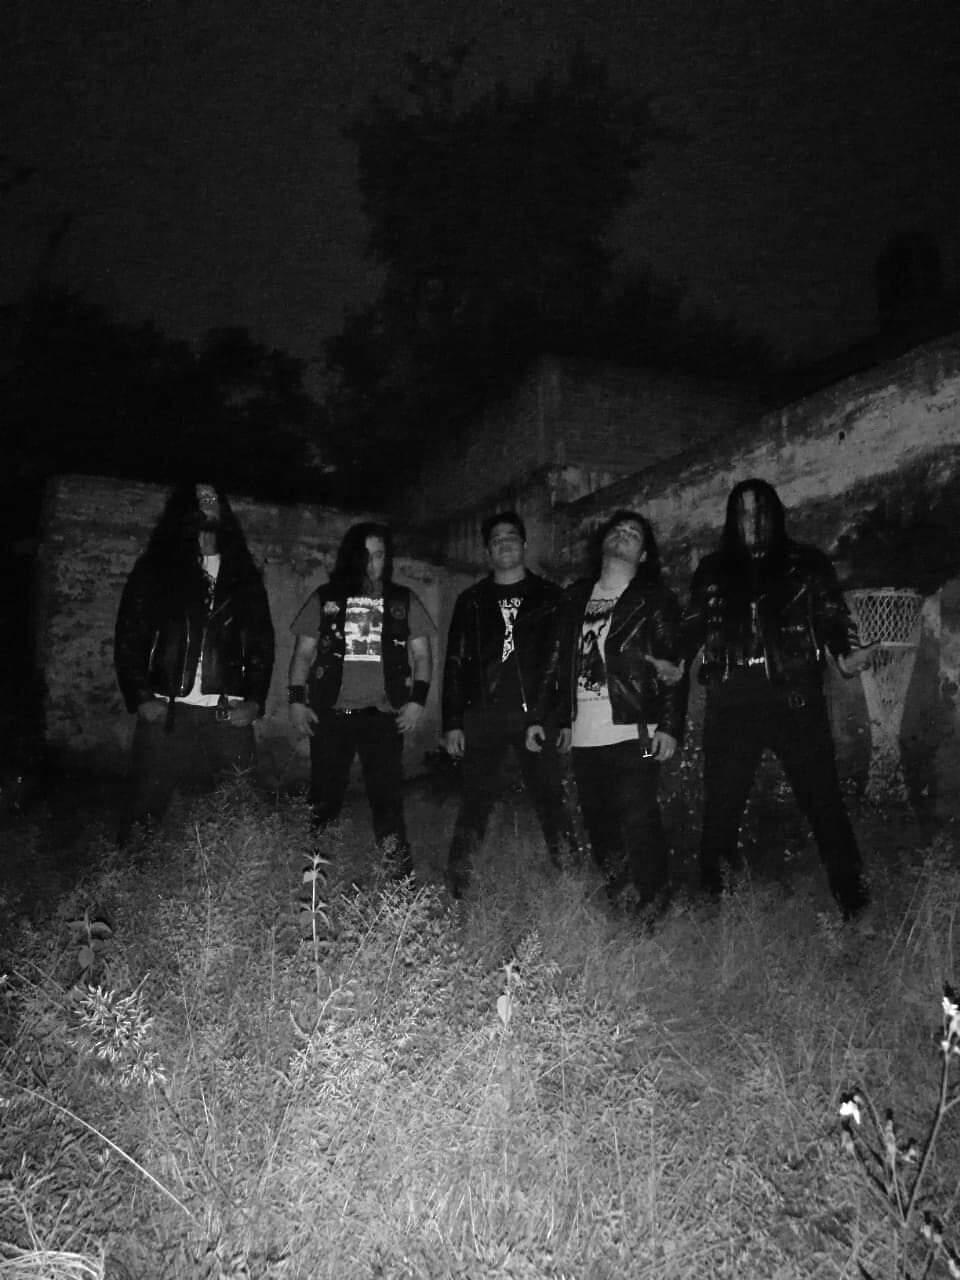 Necroccultus - Photo